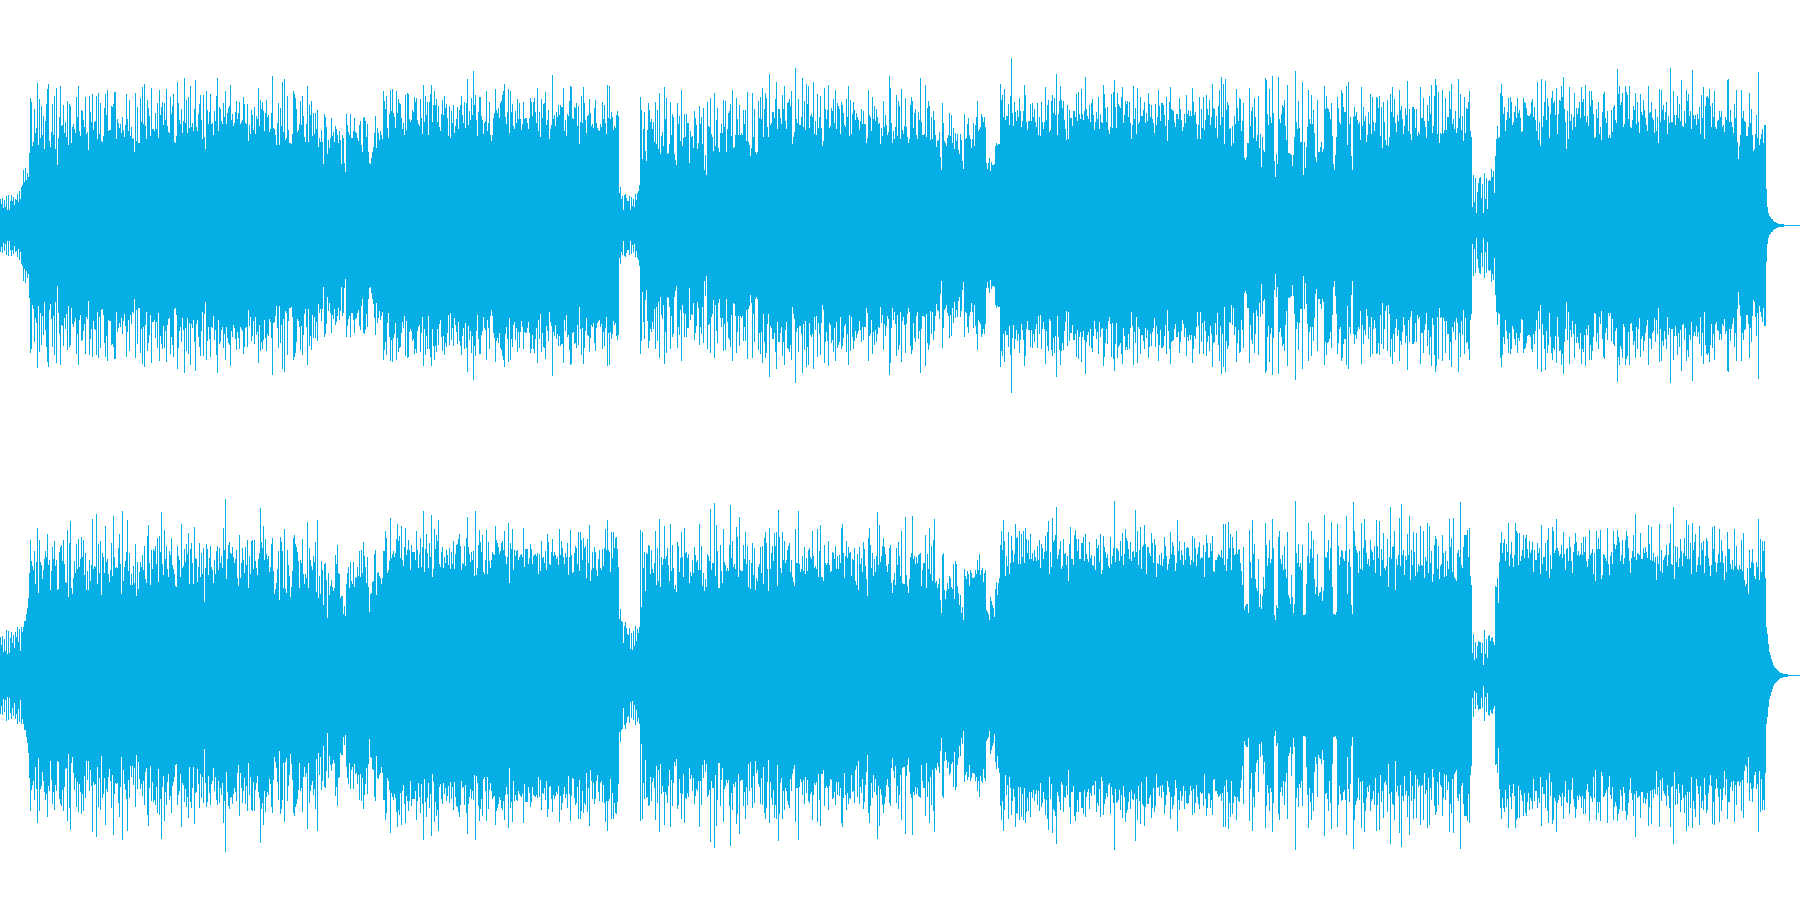 生演奏トランペット!風を感じるパンクの再生済みの波形